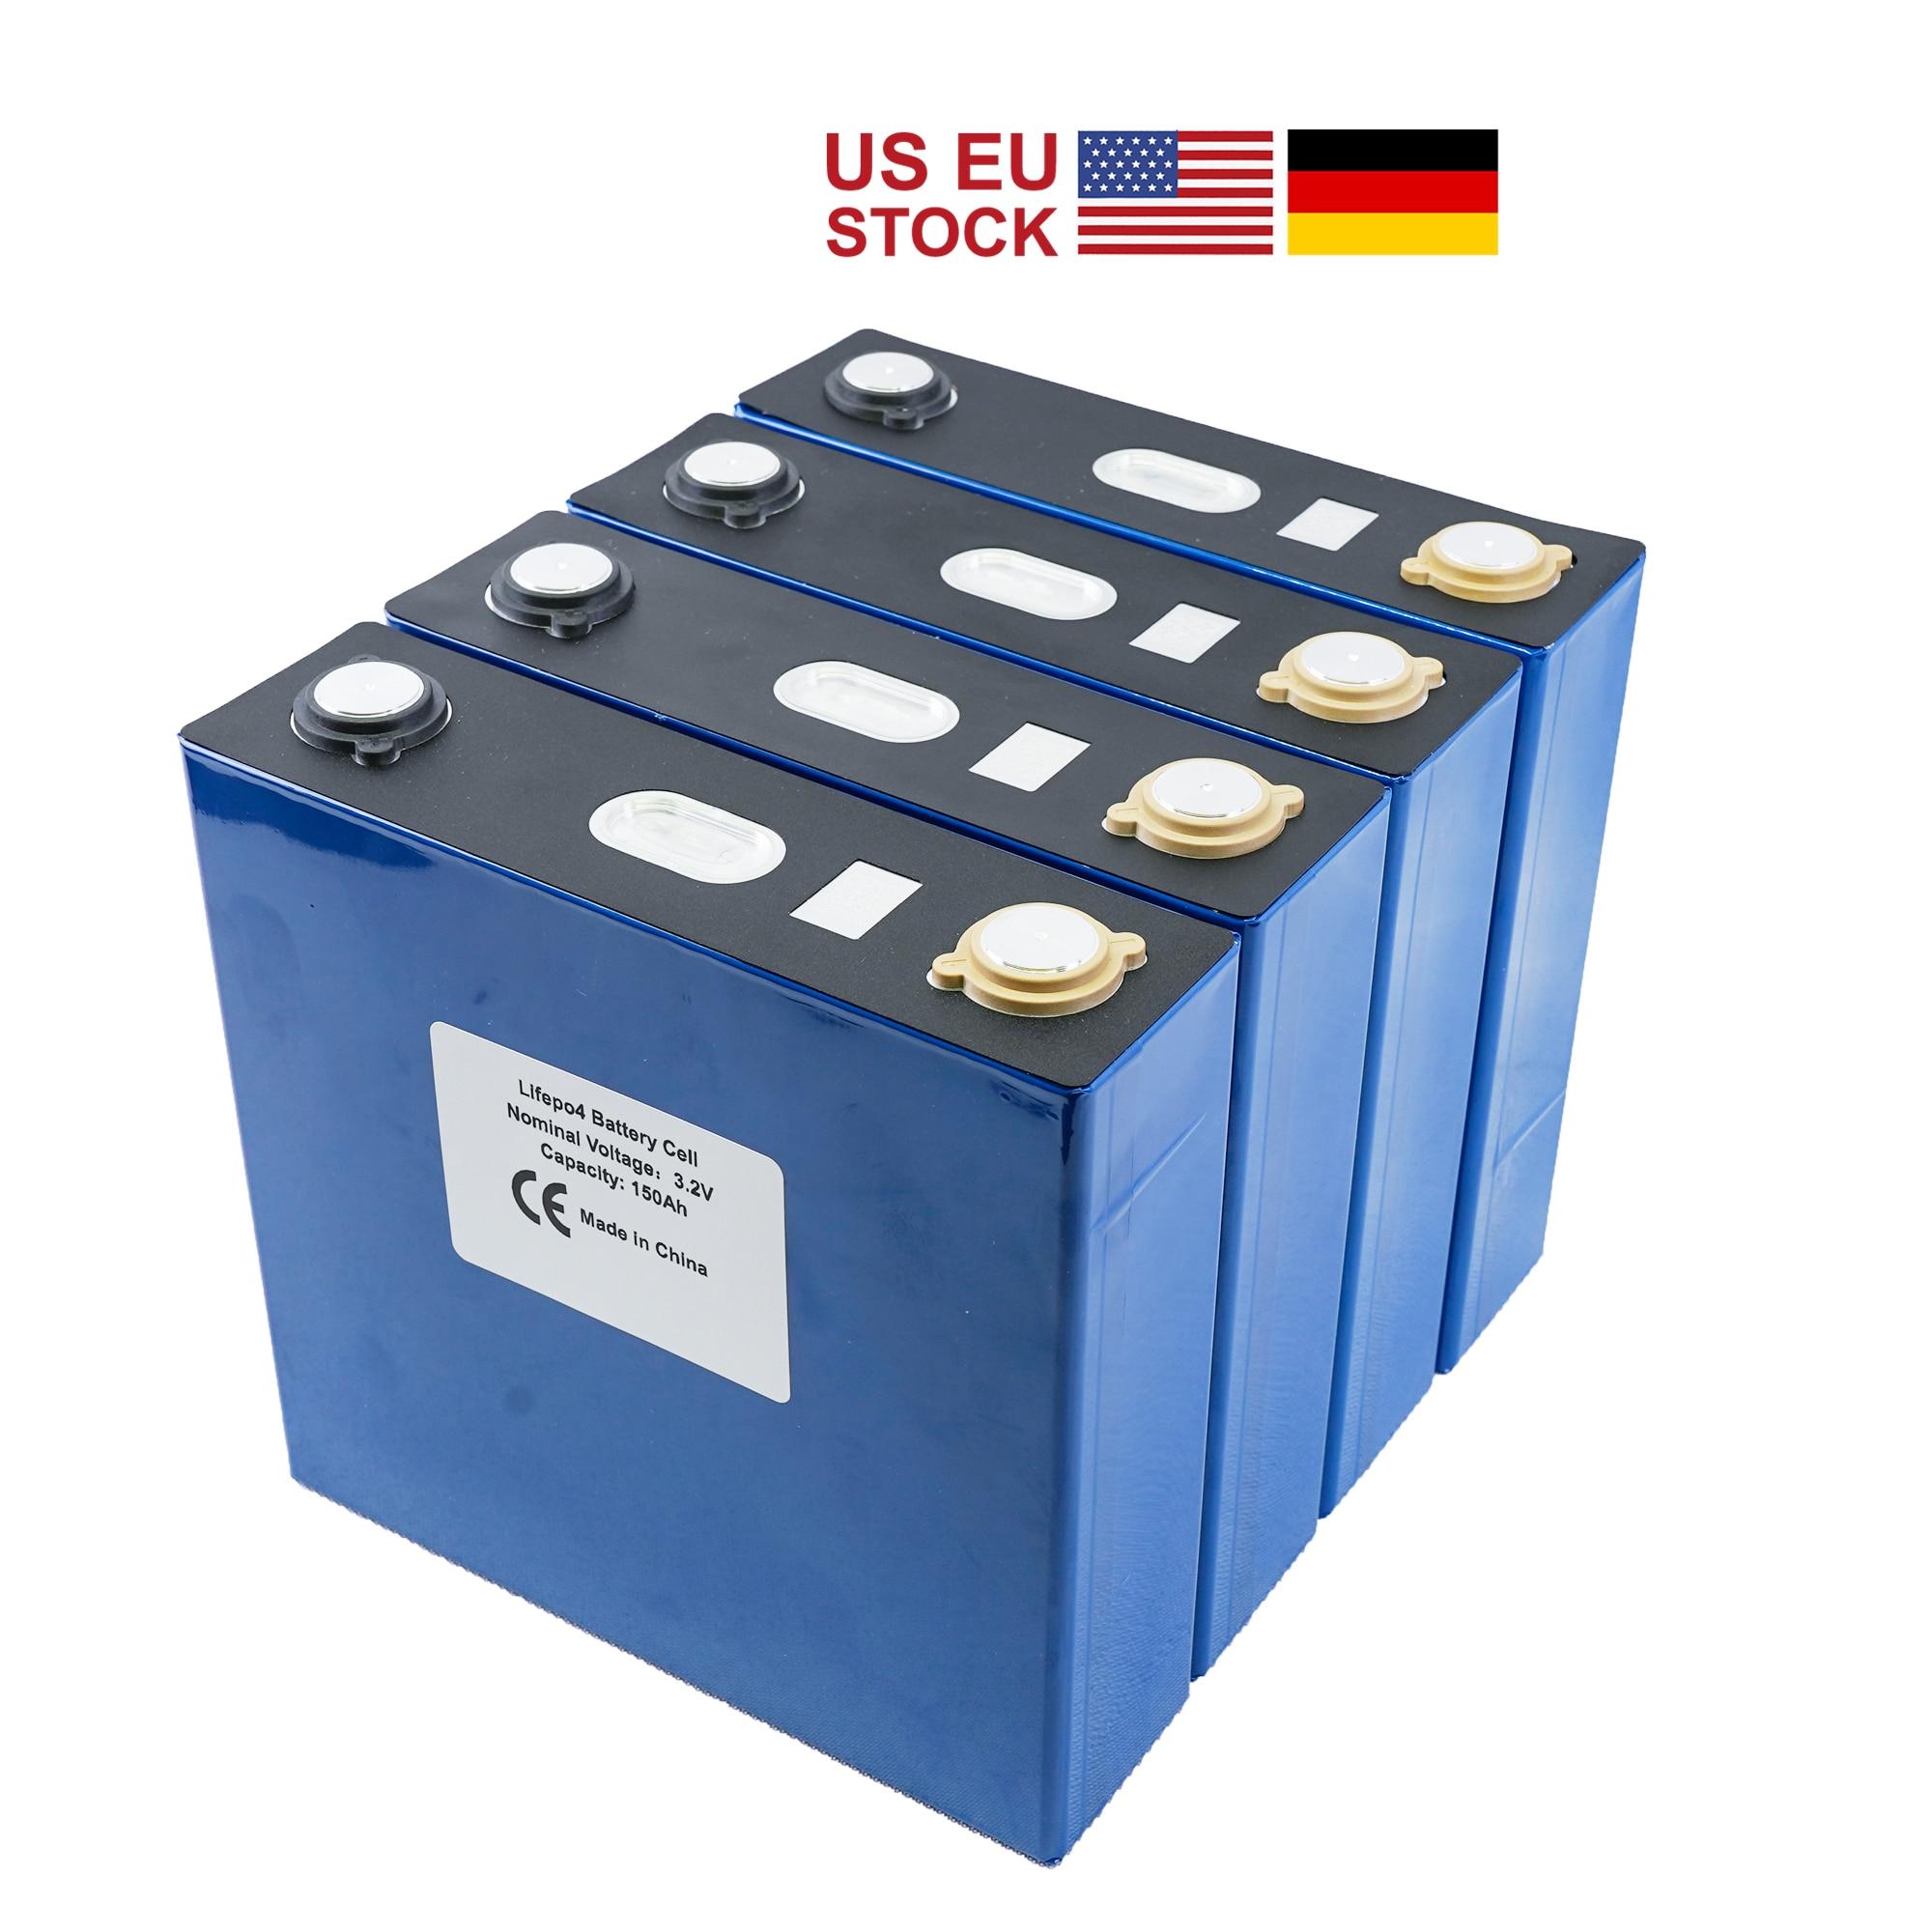 4 قطعة الصف 3.2 فولت 120Ah ليثيوم الحديد الفوسفات خلية Lifepo4 بطارية دورة 4000 مرات الشمسية 12 فولت 176Ah 200AH الاتحاد الأوروبي الولايات المتحدة معفاة من ا...